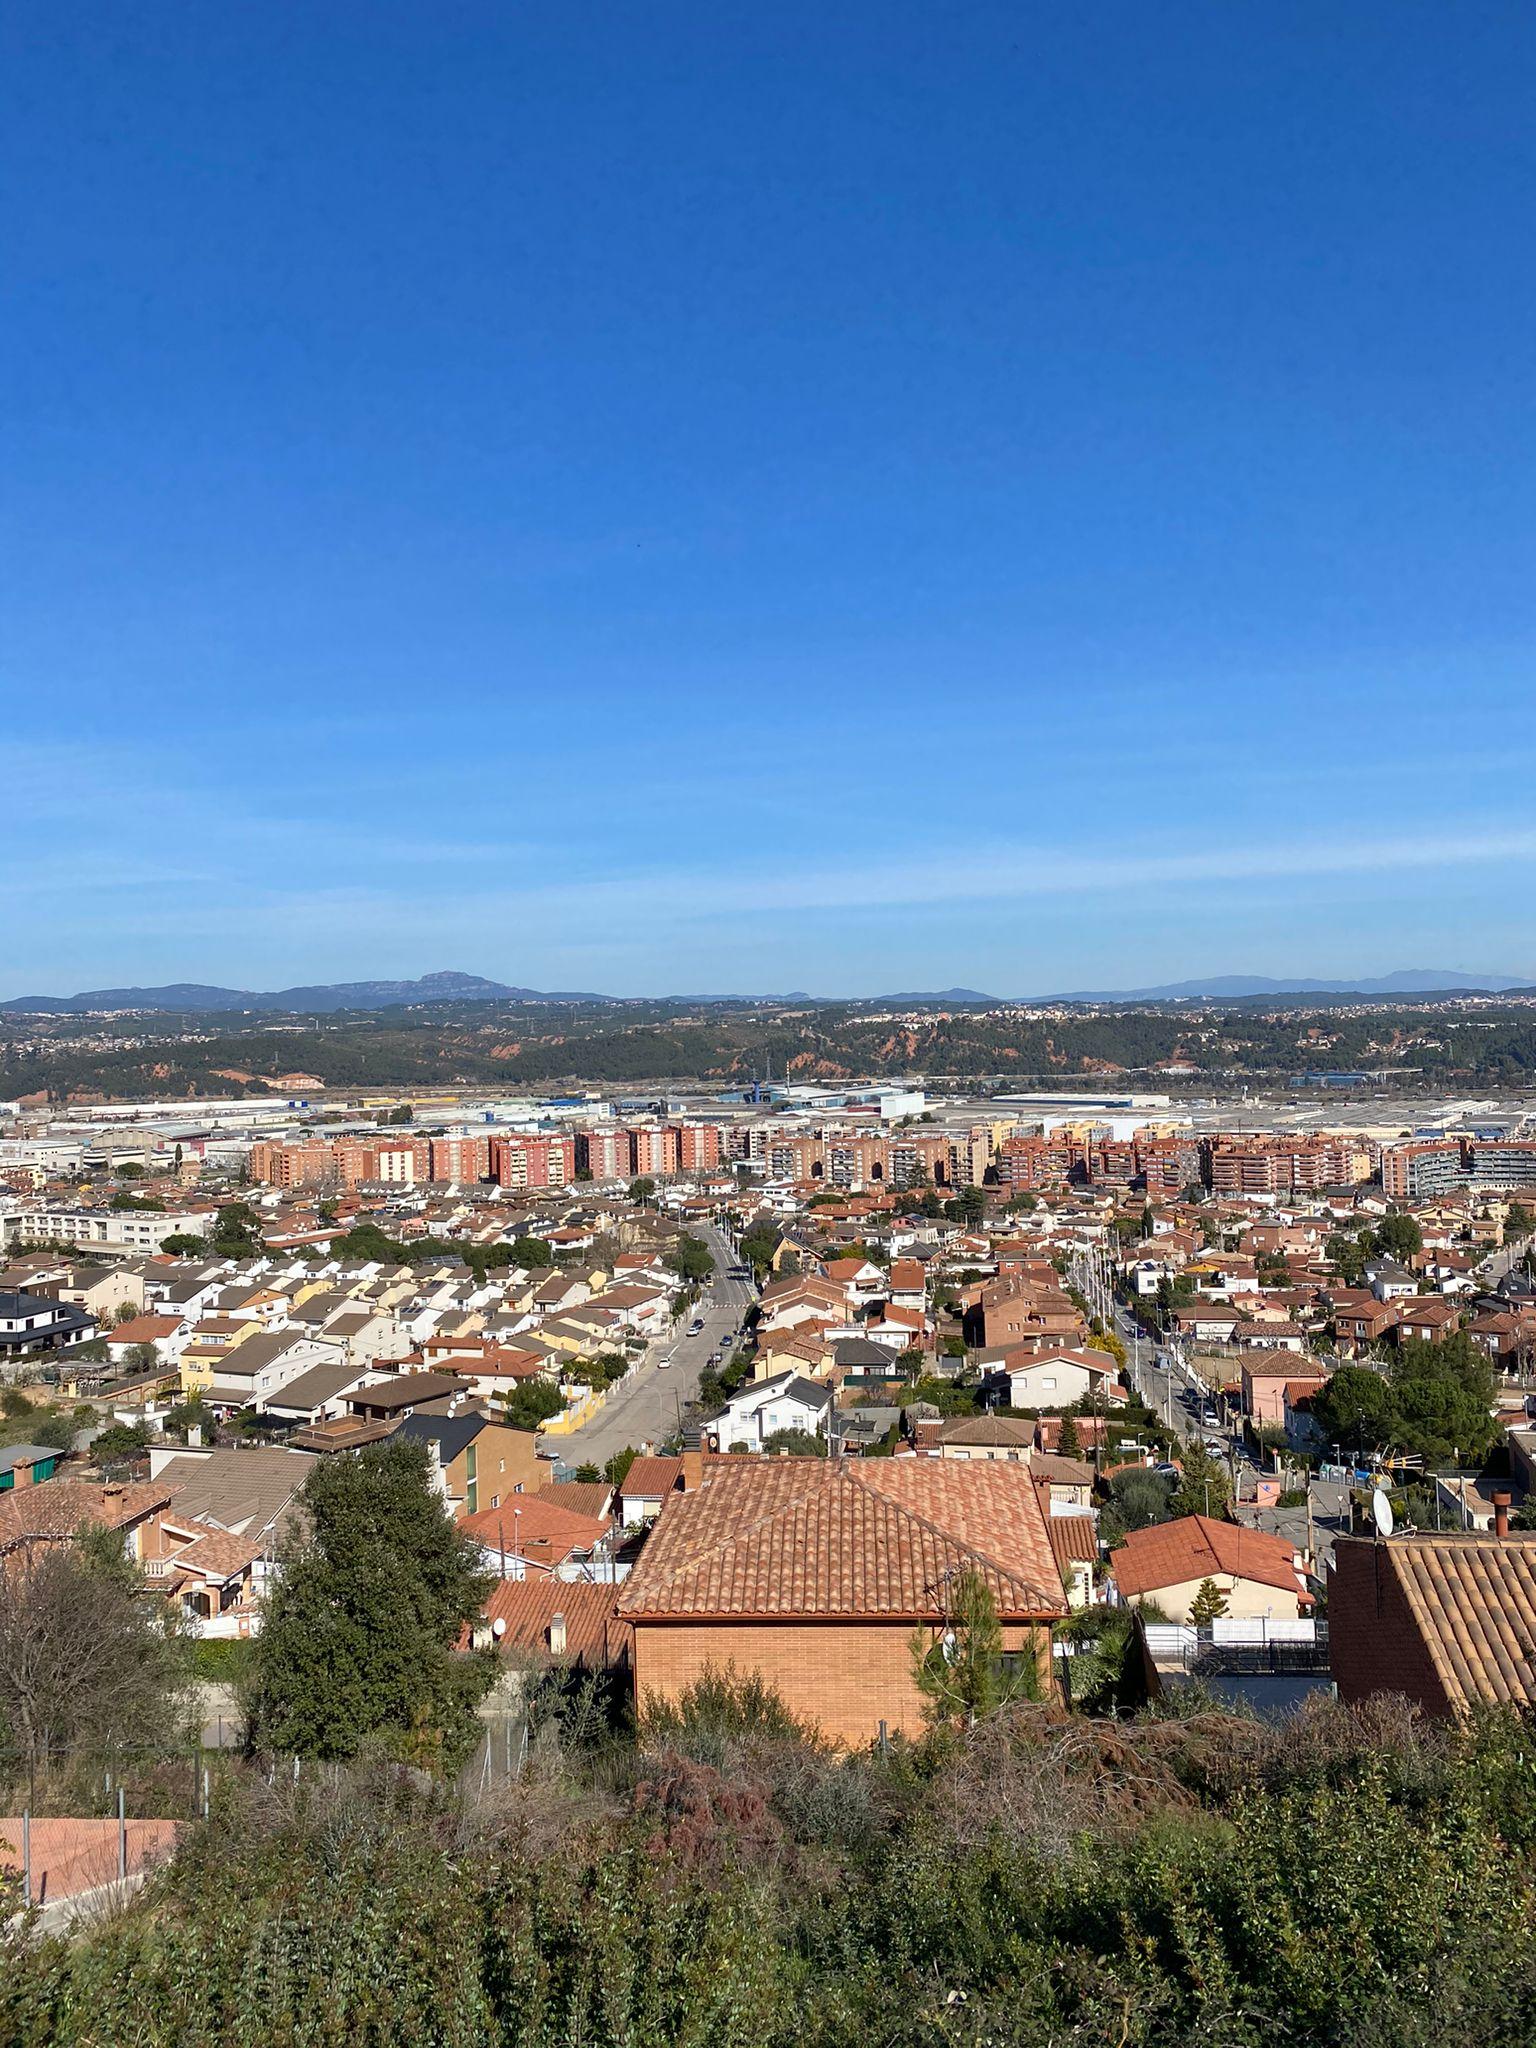 Imatge de la notícia: L'Ajuntament aprova el Pla de prevenció d'incendis forestals a les urbanitzacions i nuclis de població